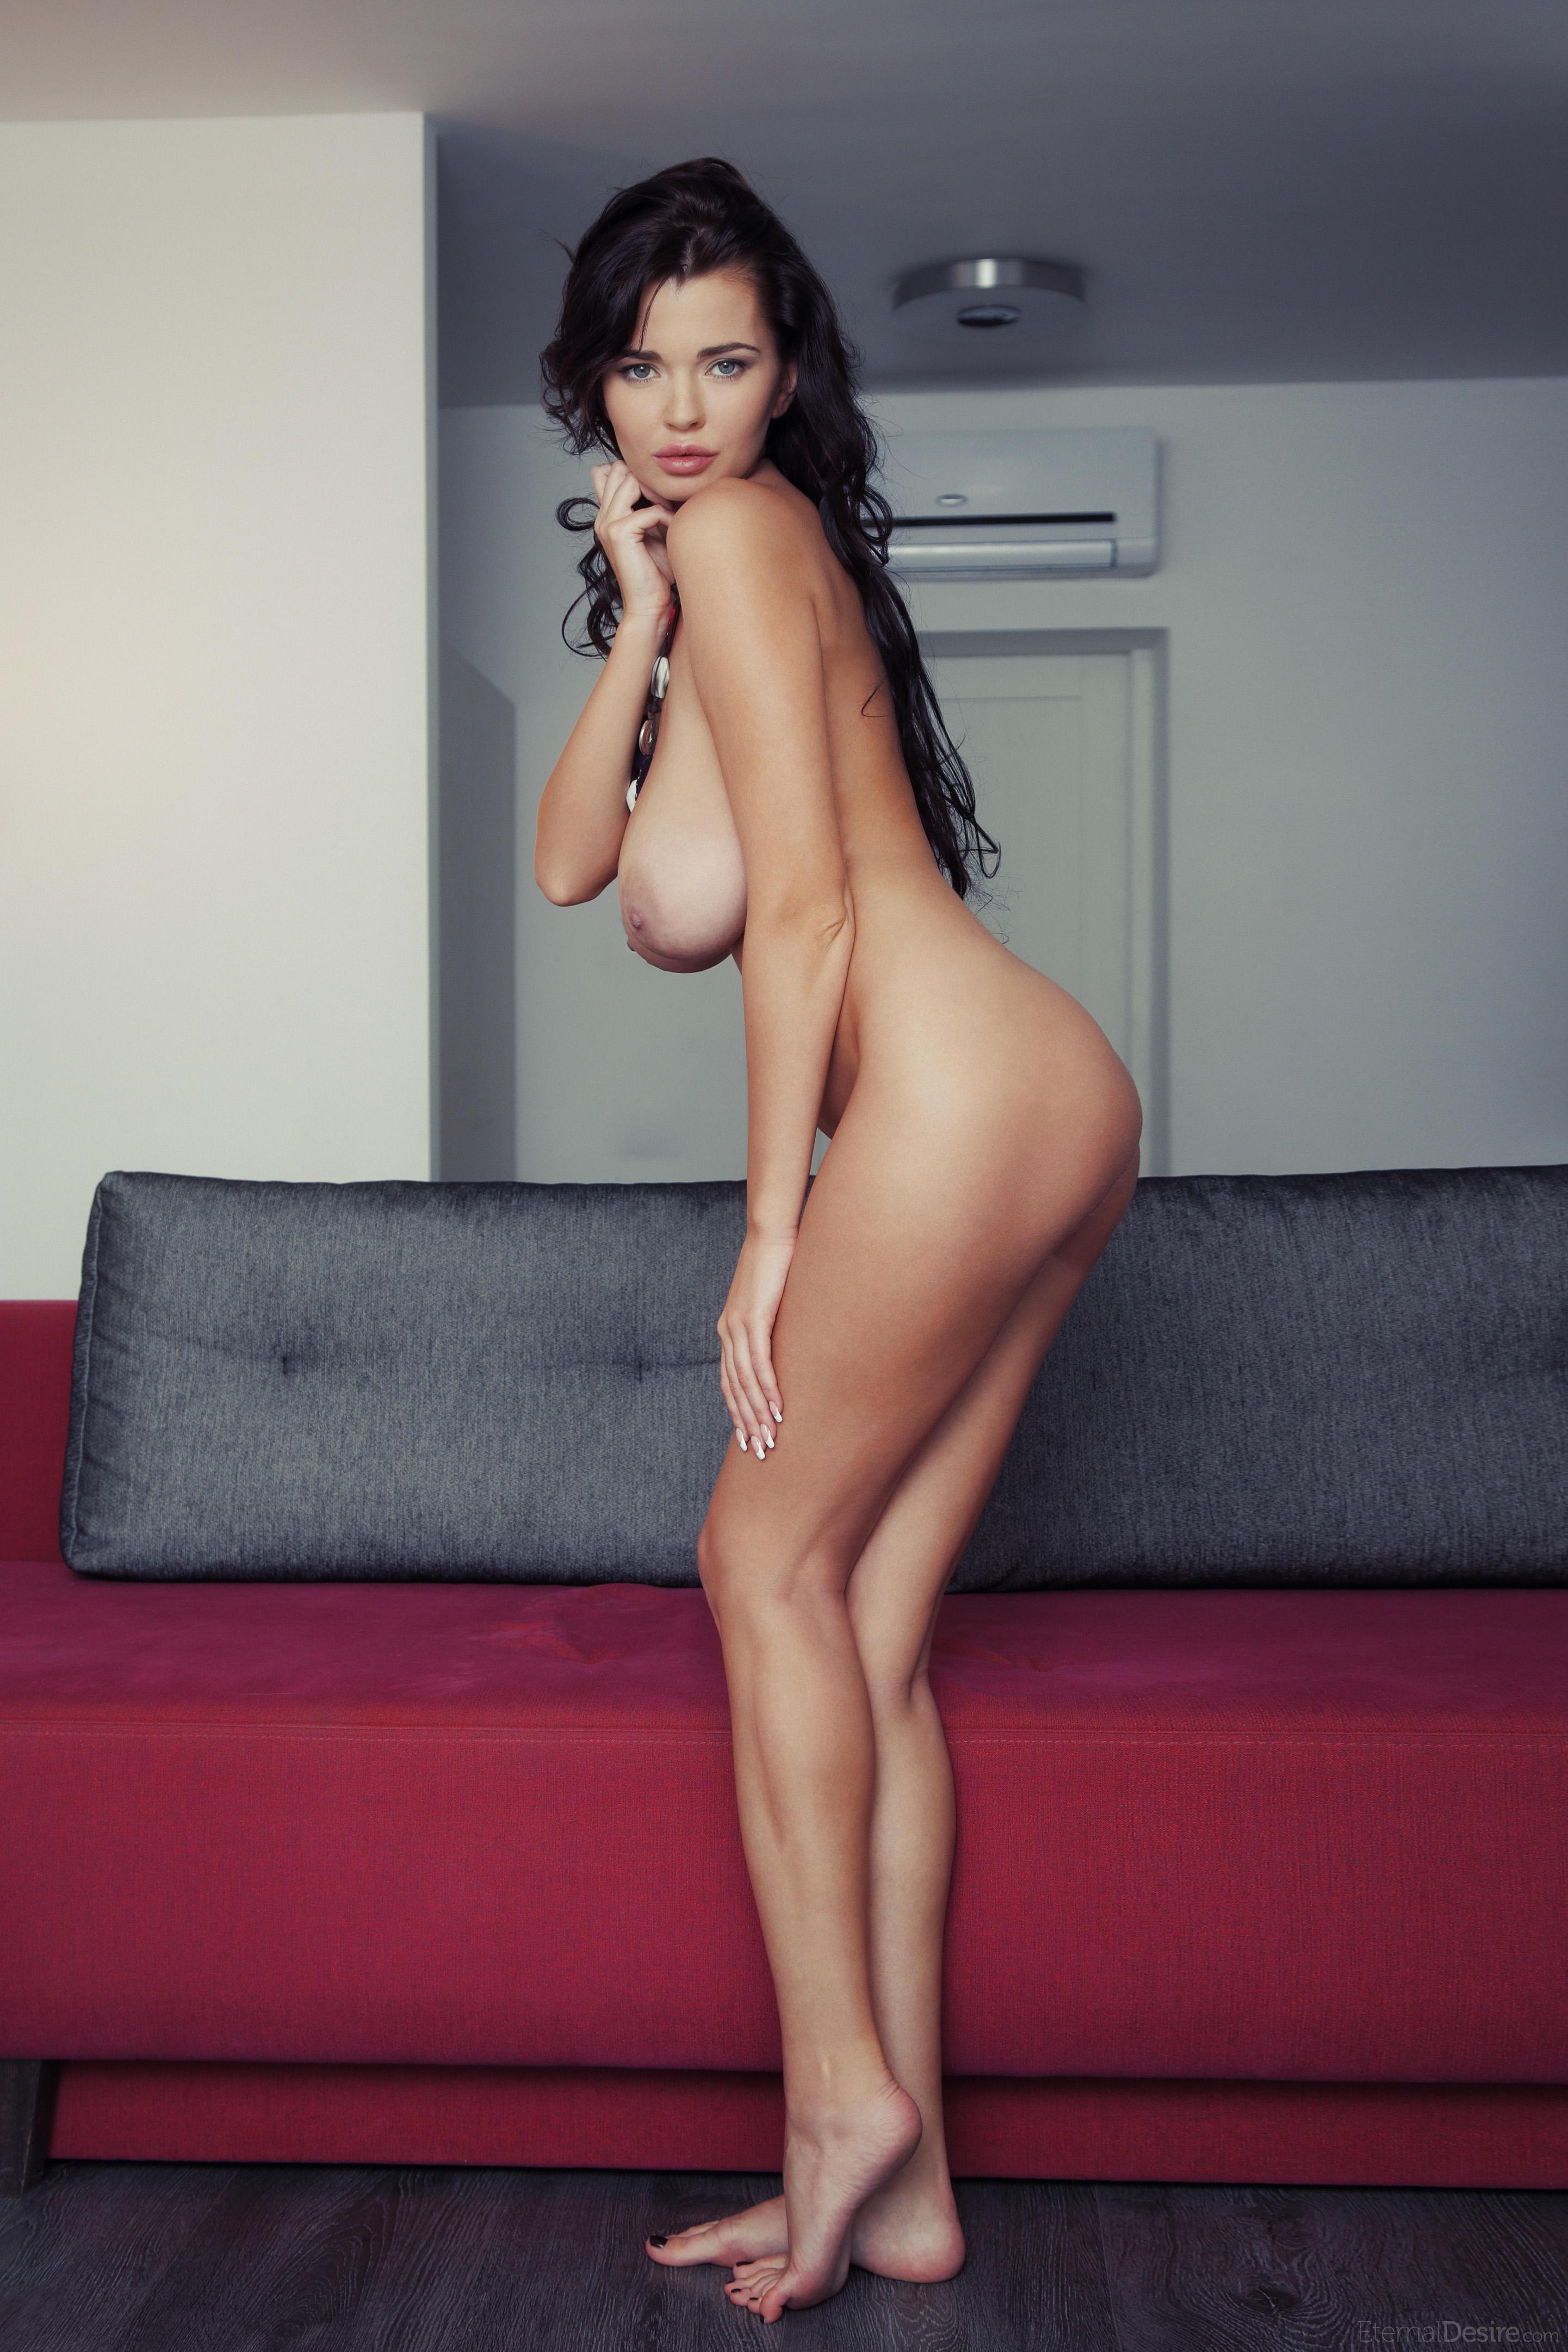 Размеры груди у порномоделей фото 507-867